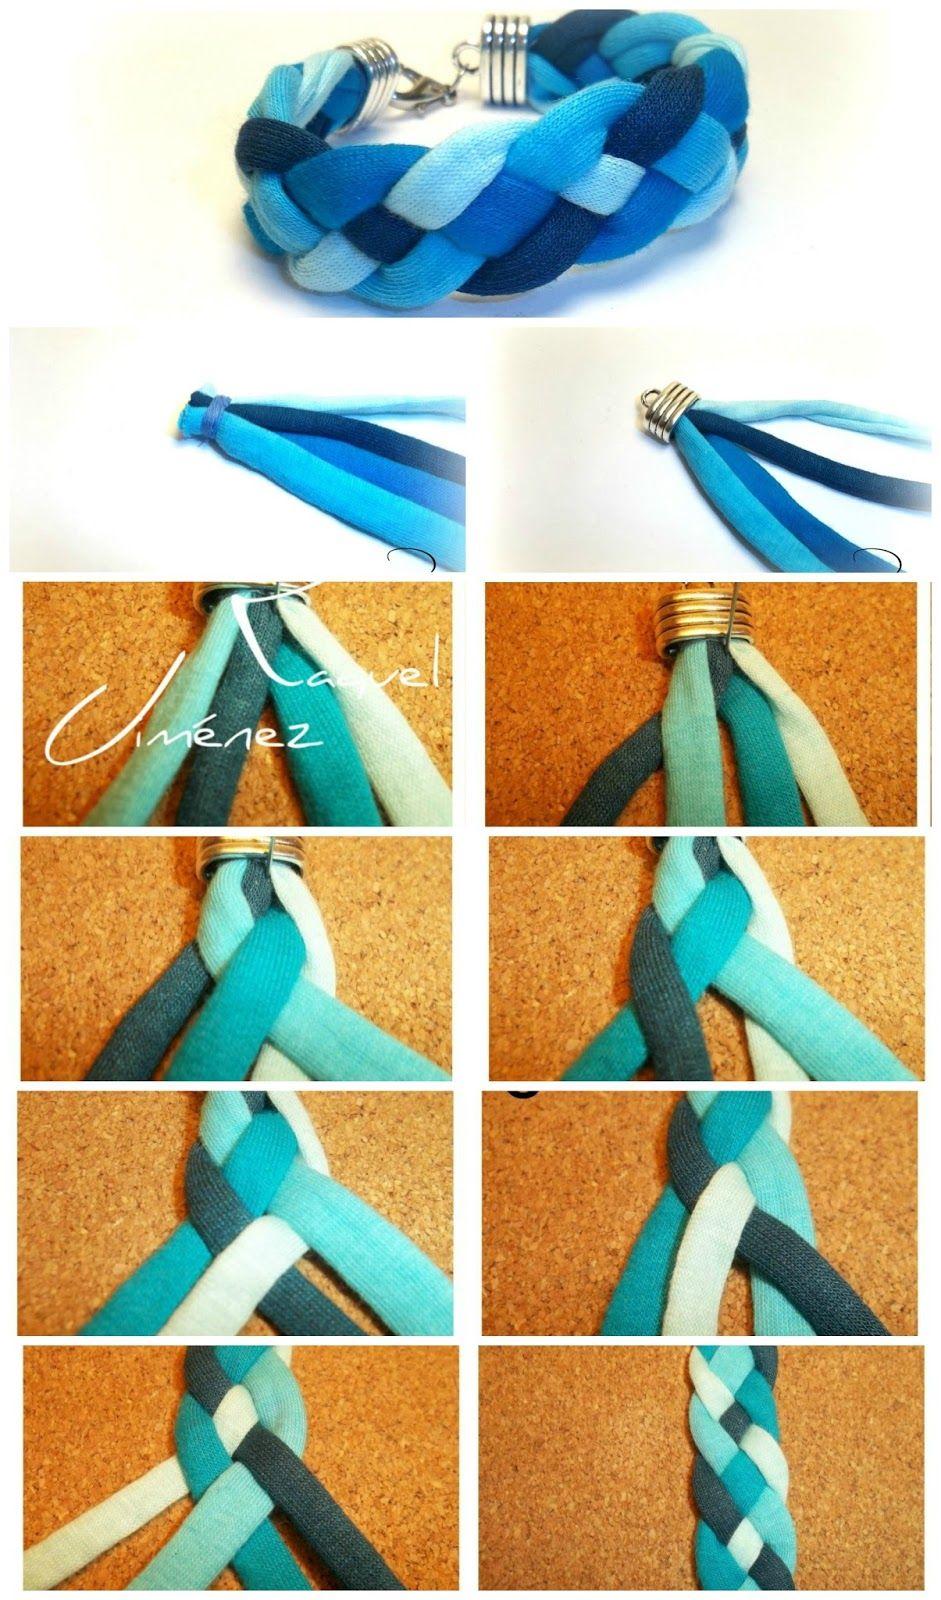 Diy Pulsera Con Trenza De Cuatro Cabos En Trapillo Tutorial Diy Friendship Bracelets Patterns Ankle Bracelets Diy Bracelets Handmade Diy